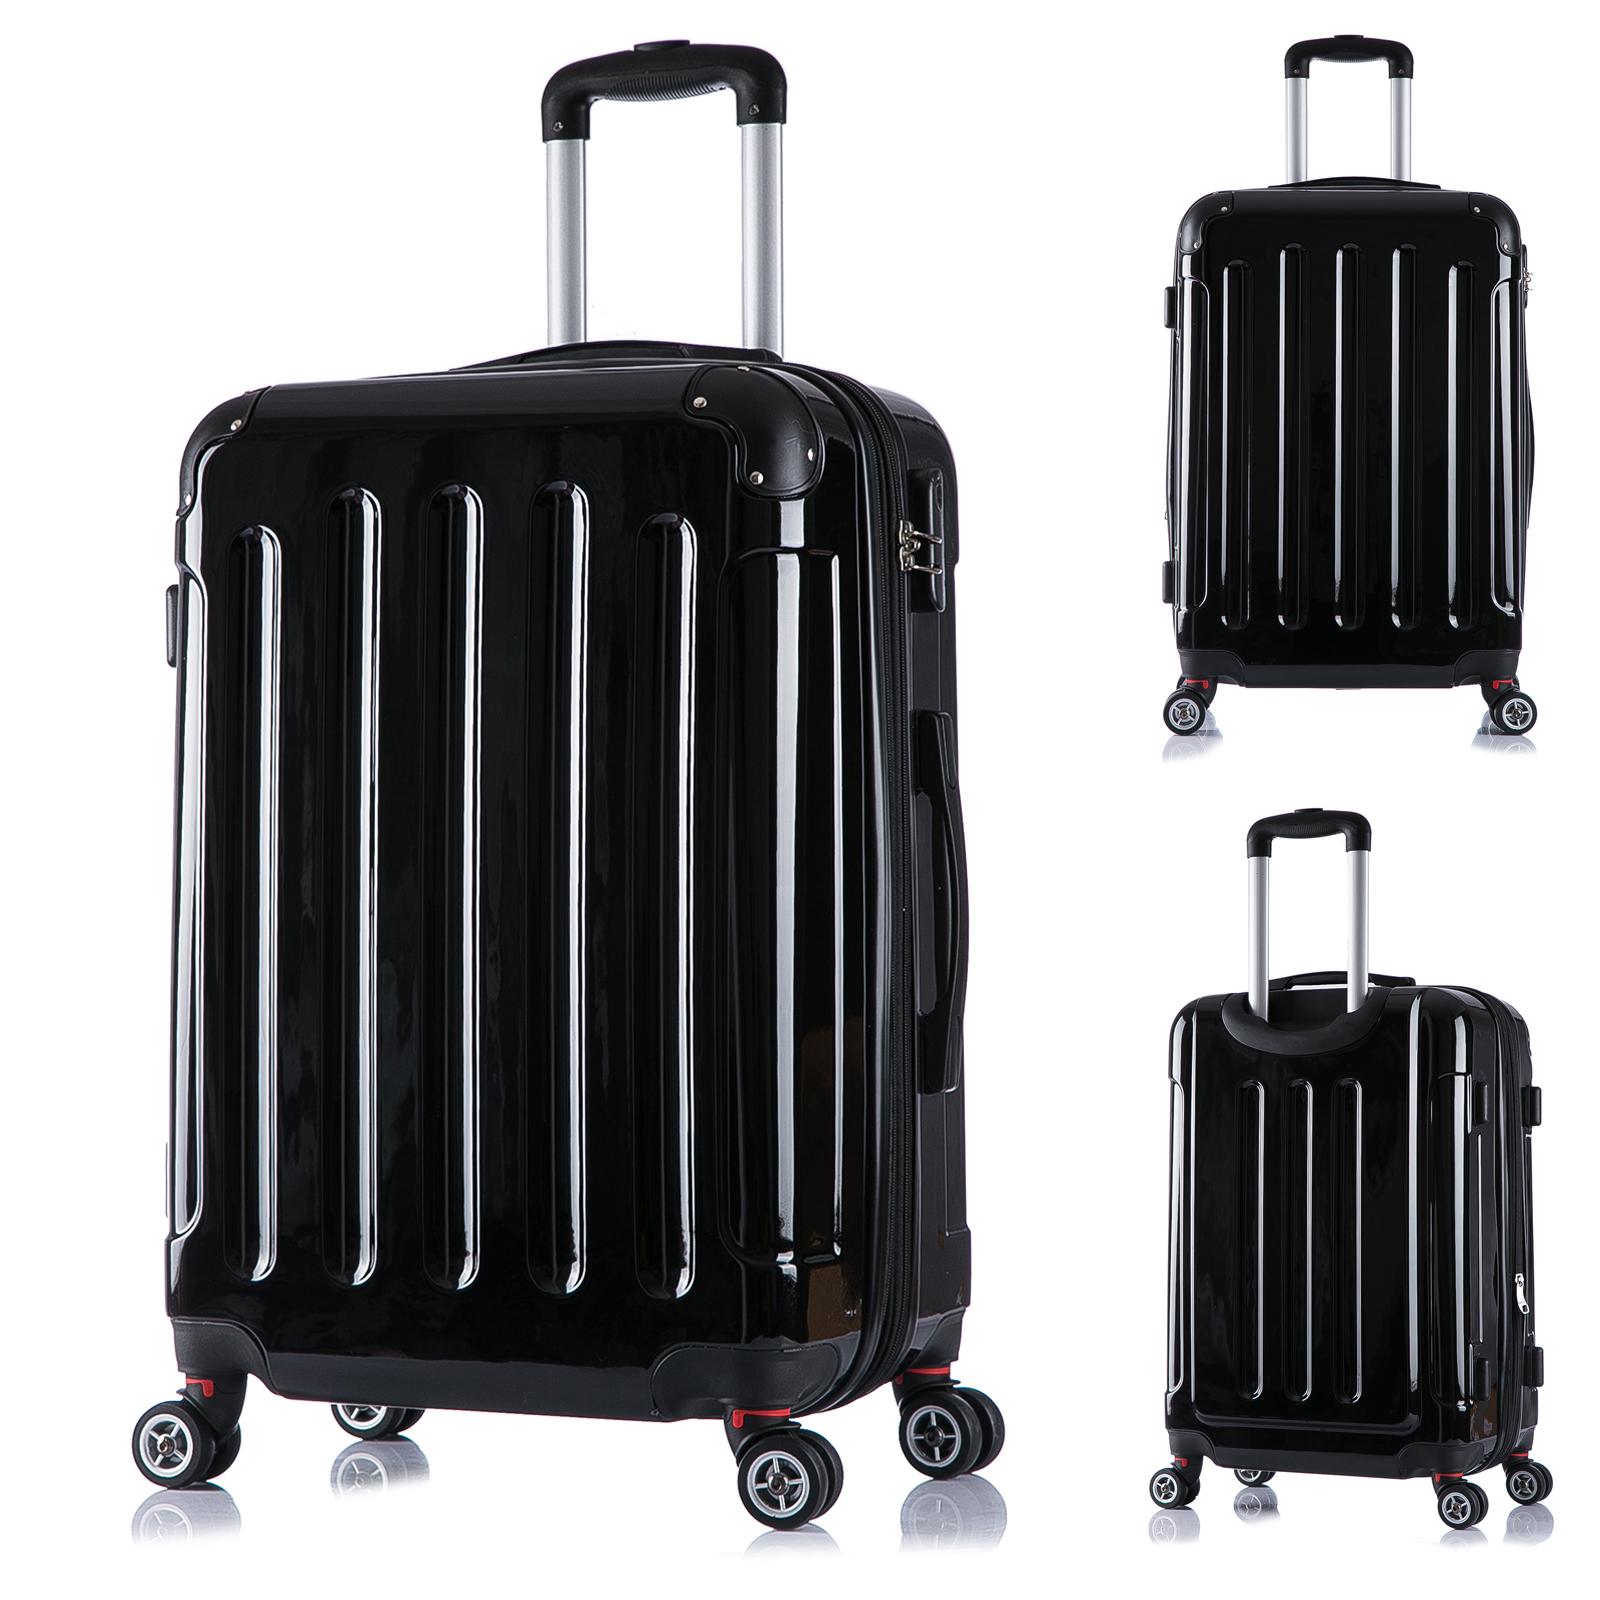 reisekoffer trolley hartschalenkoffer reise koffer 4